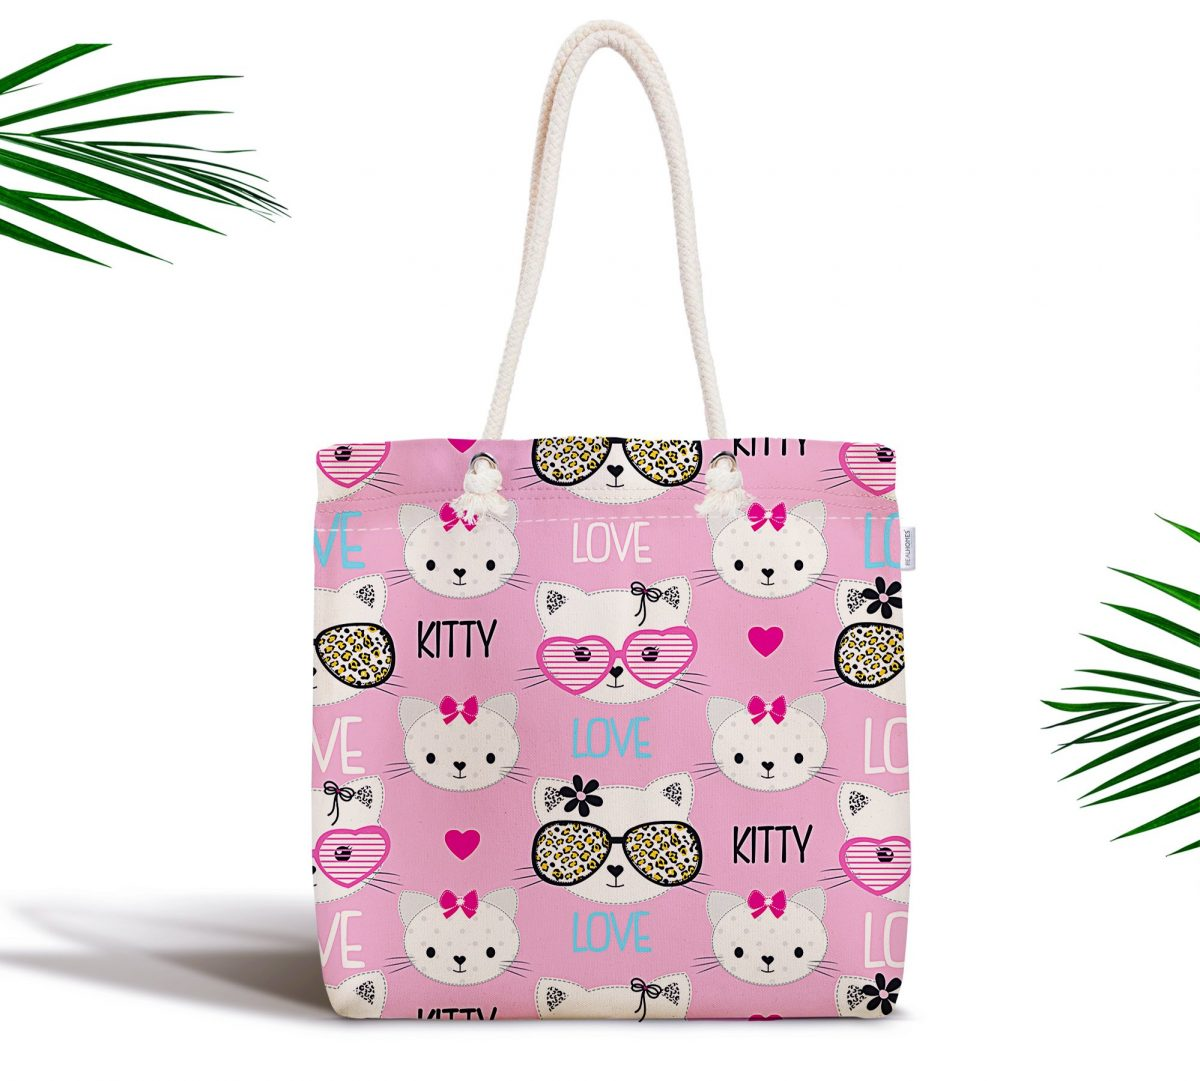 Kitty Love Desenli Dijital Baskılı Fermuarlı Kumaş Çanta Realhomes